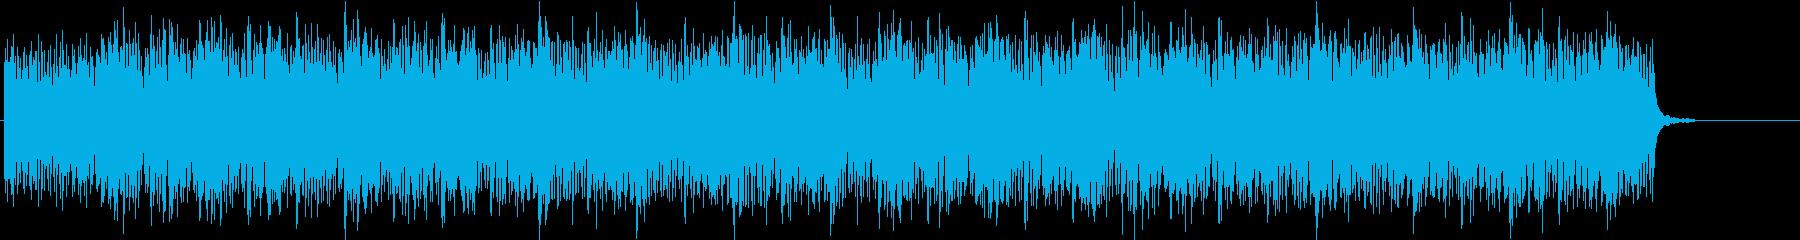 分析・科学的知見・メカニズム解説BGMの再生済みの波形